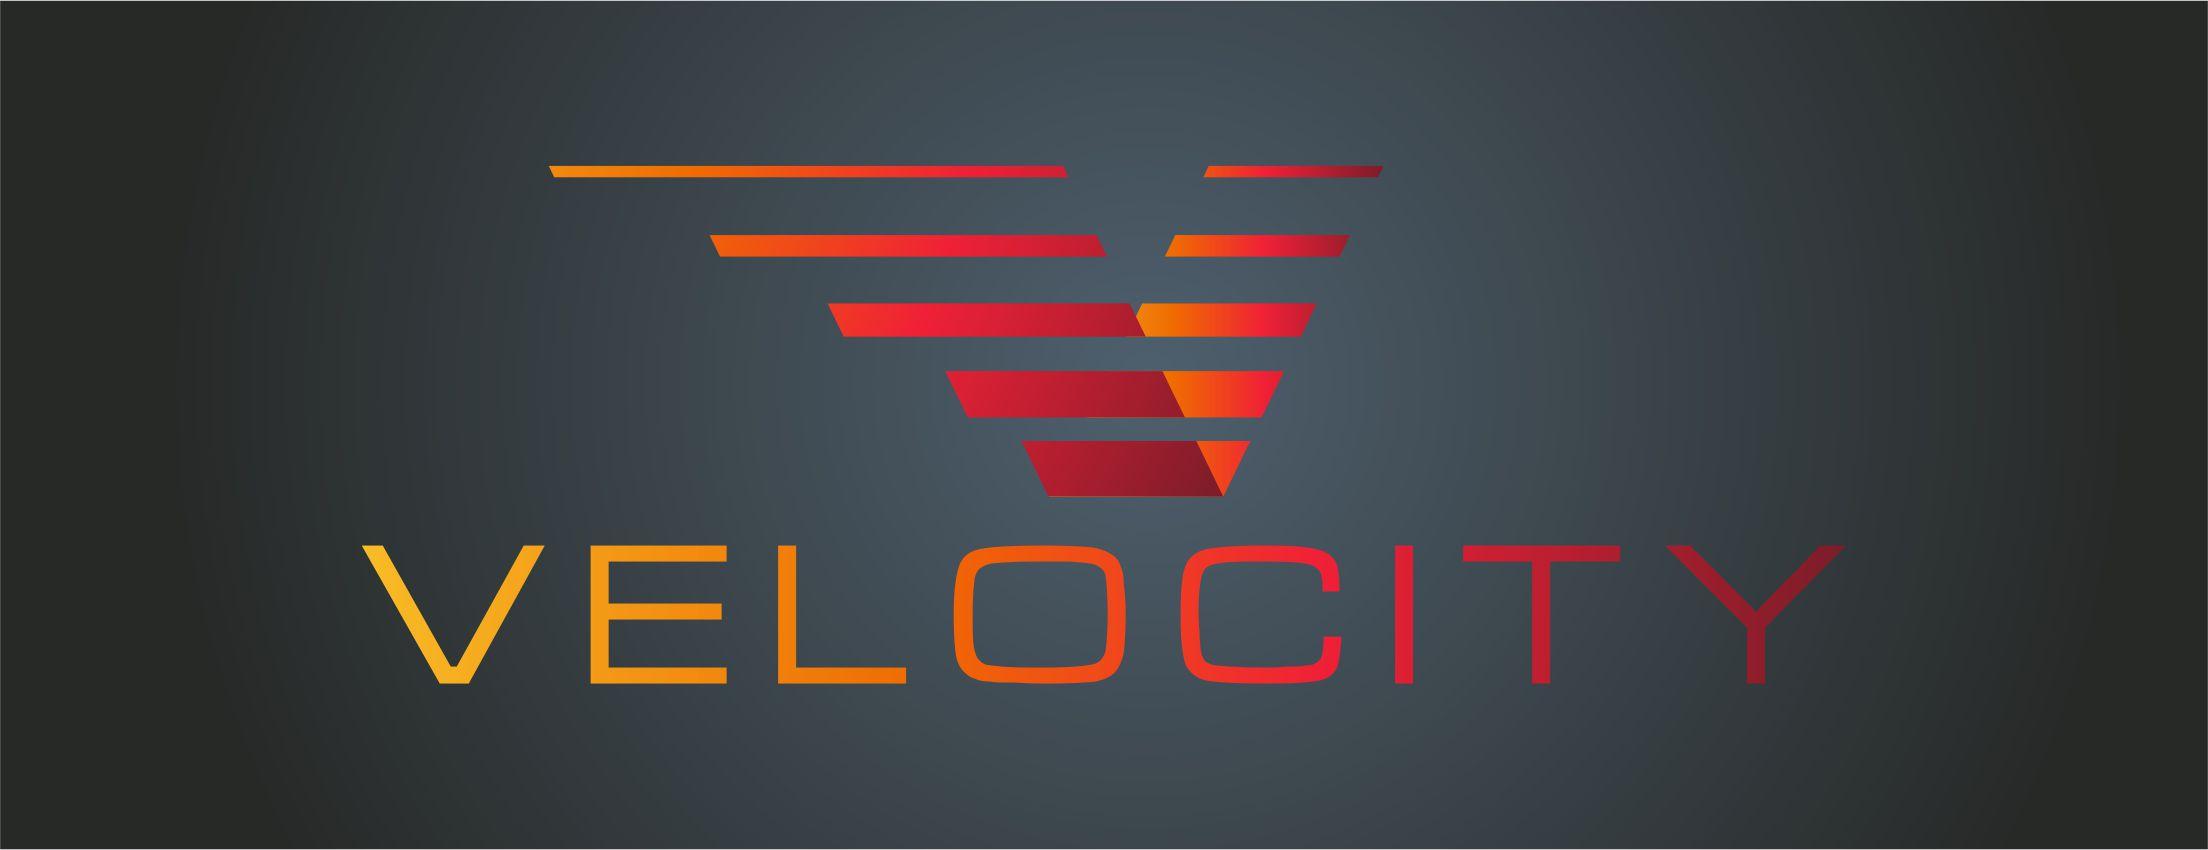 Velocity||||